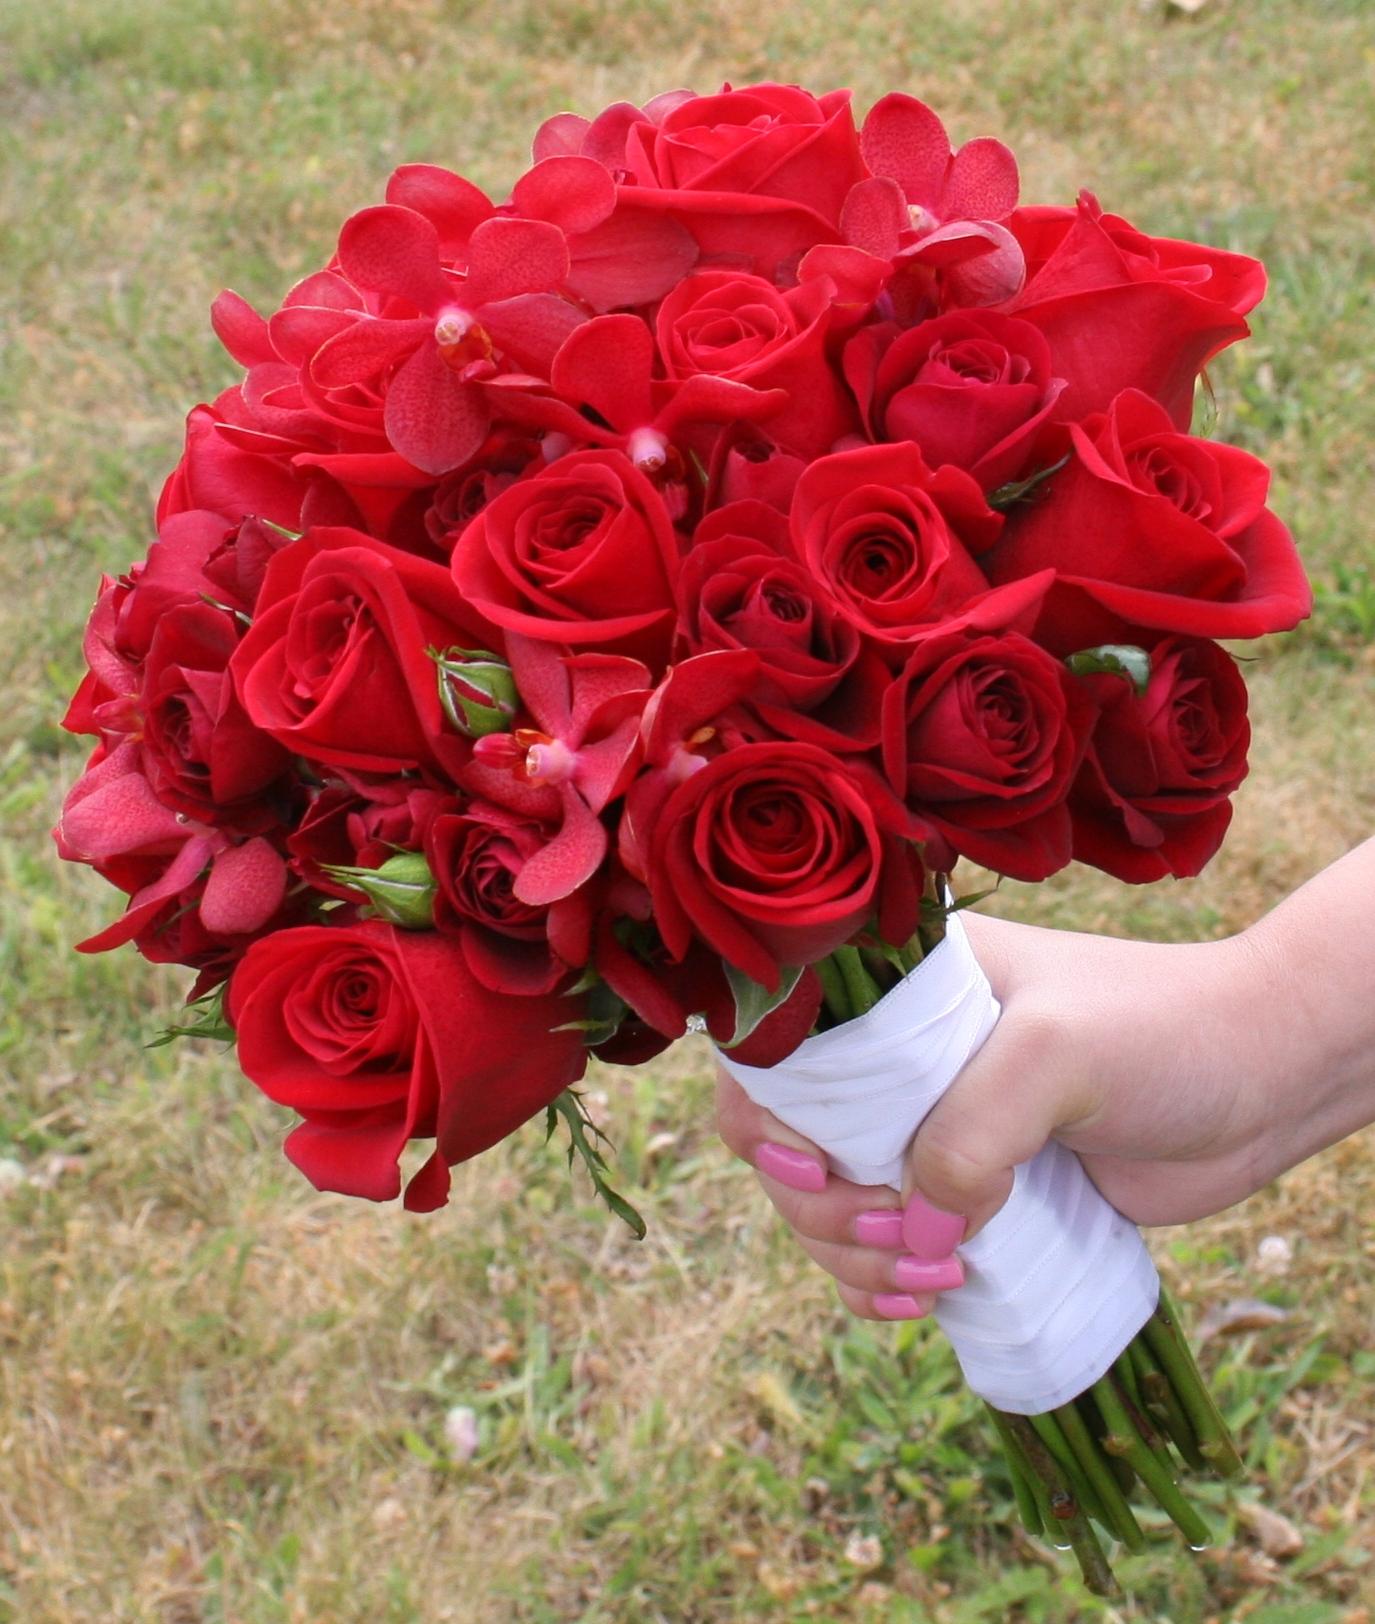 صور صور ورد جميل , اجمل صور لبوكيه الورد